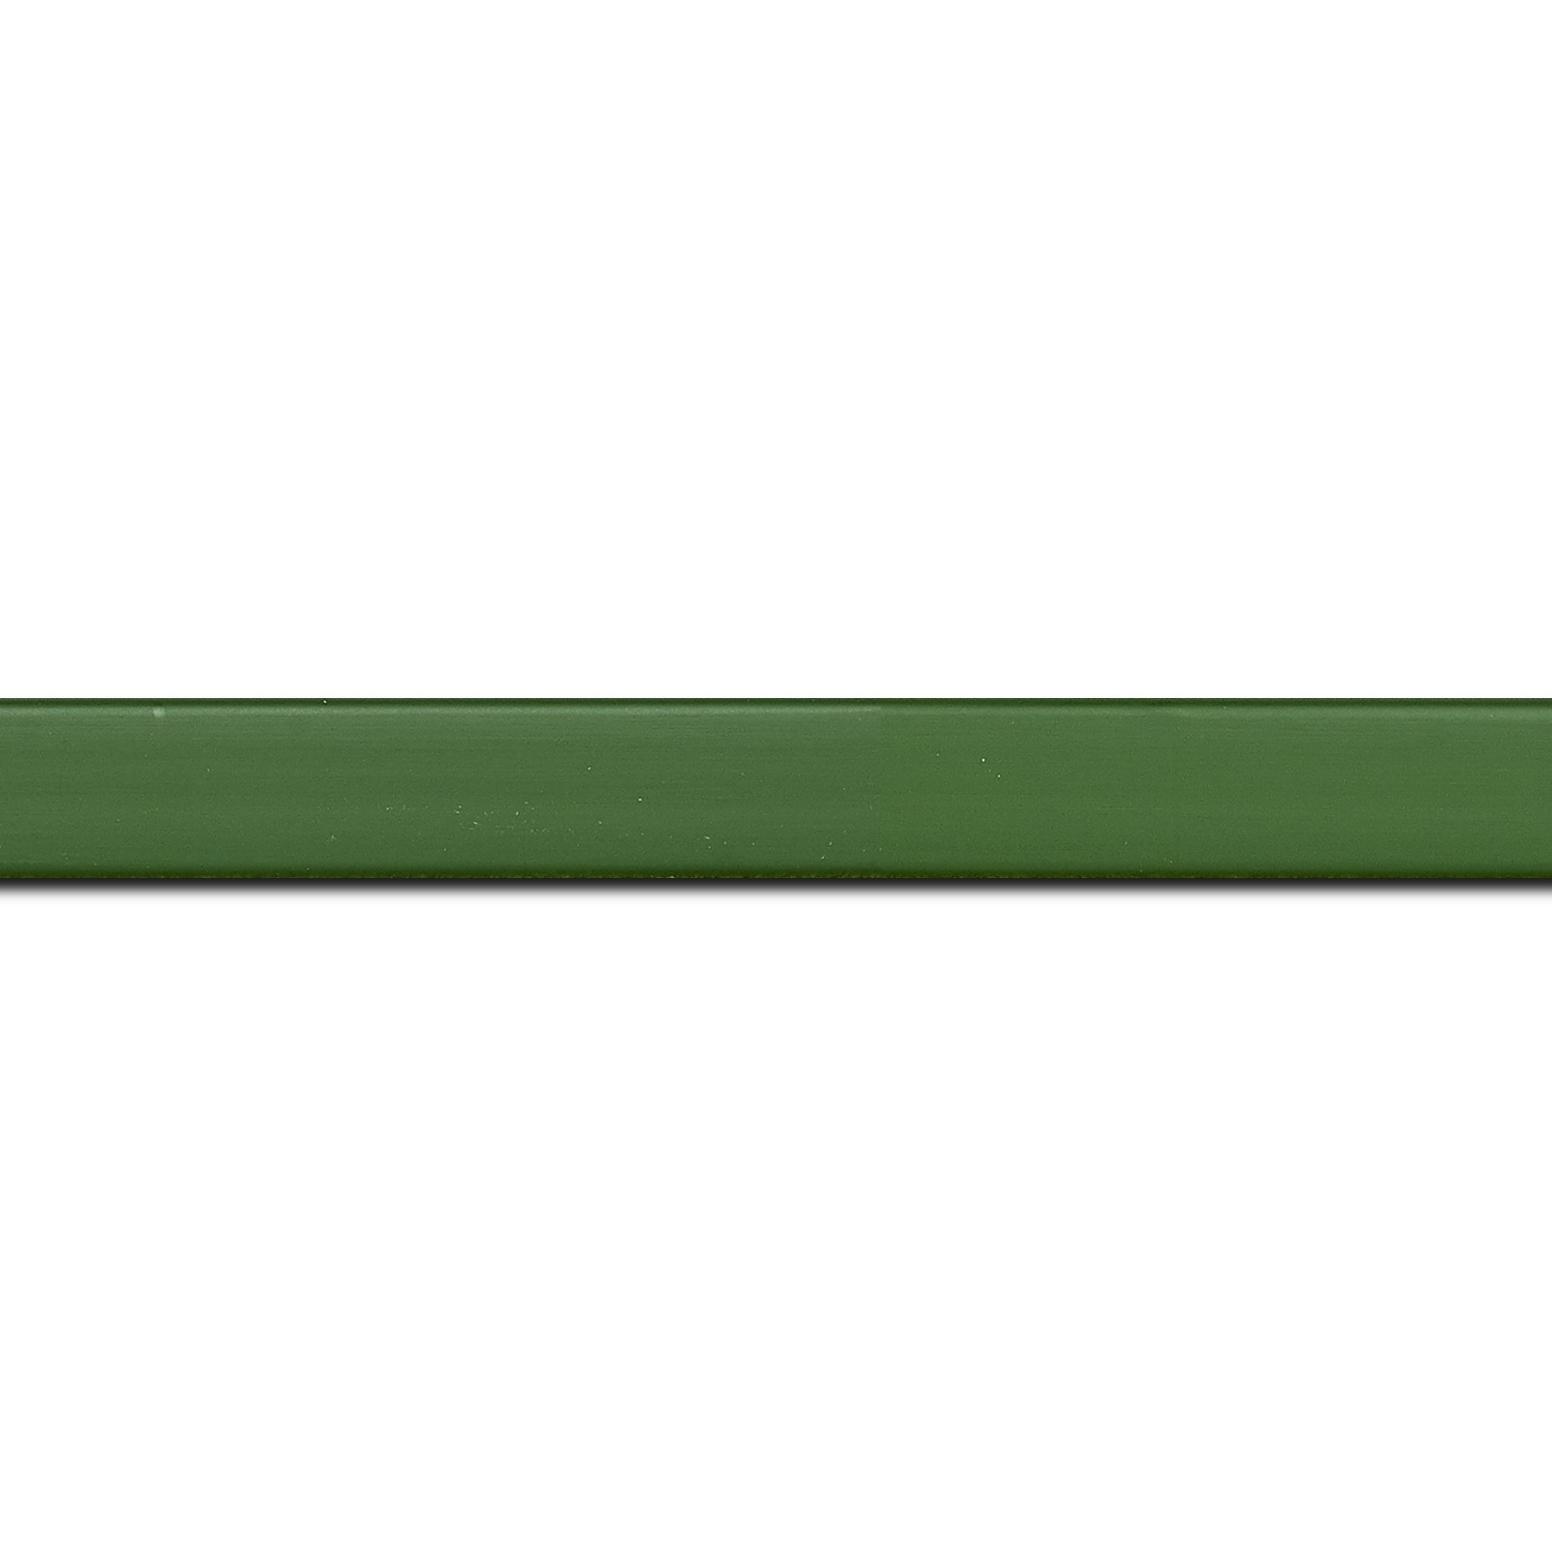 Baguette longueur 1.40m bois profil plat effet cube largeur 1.7cm couleur vert de toscane satiné